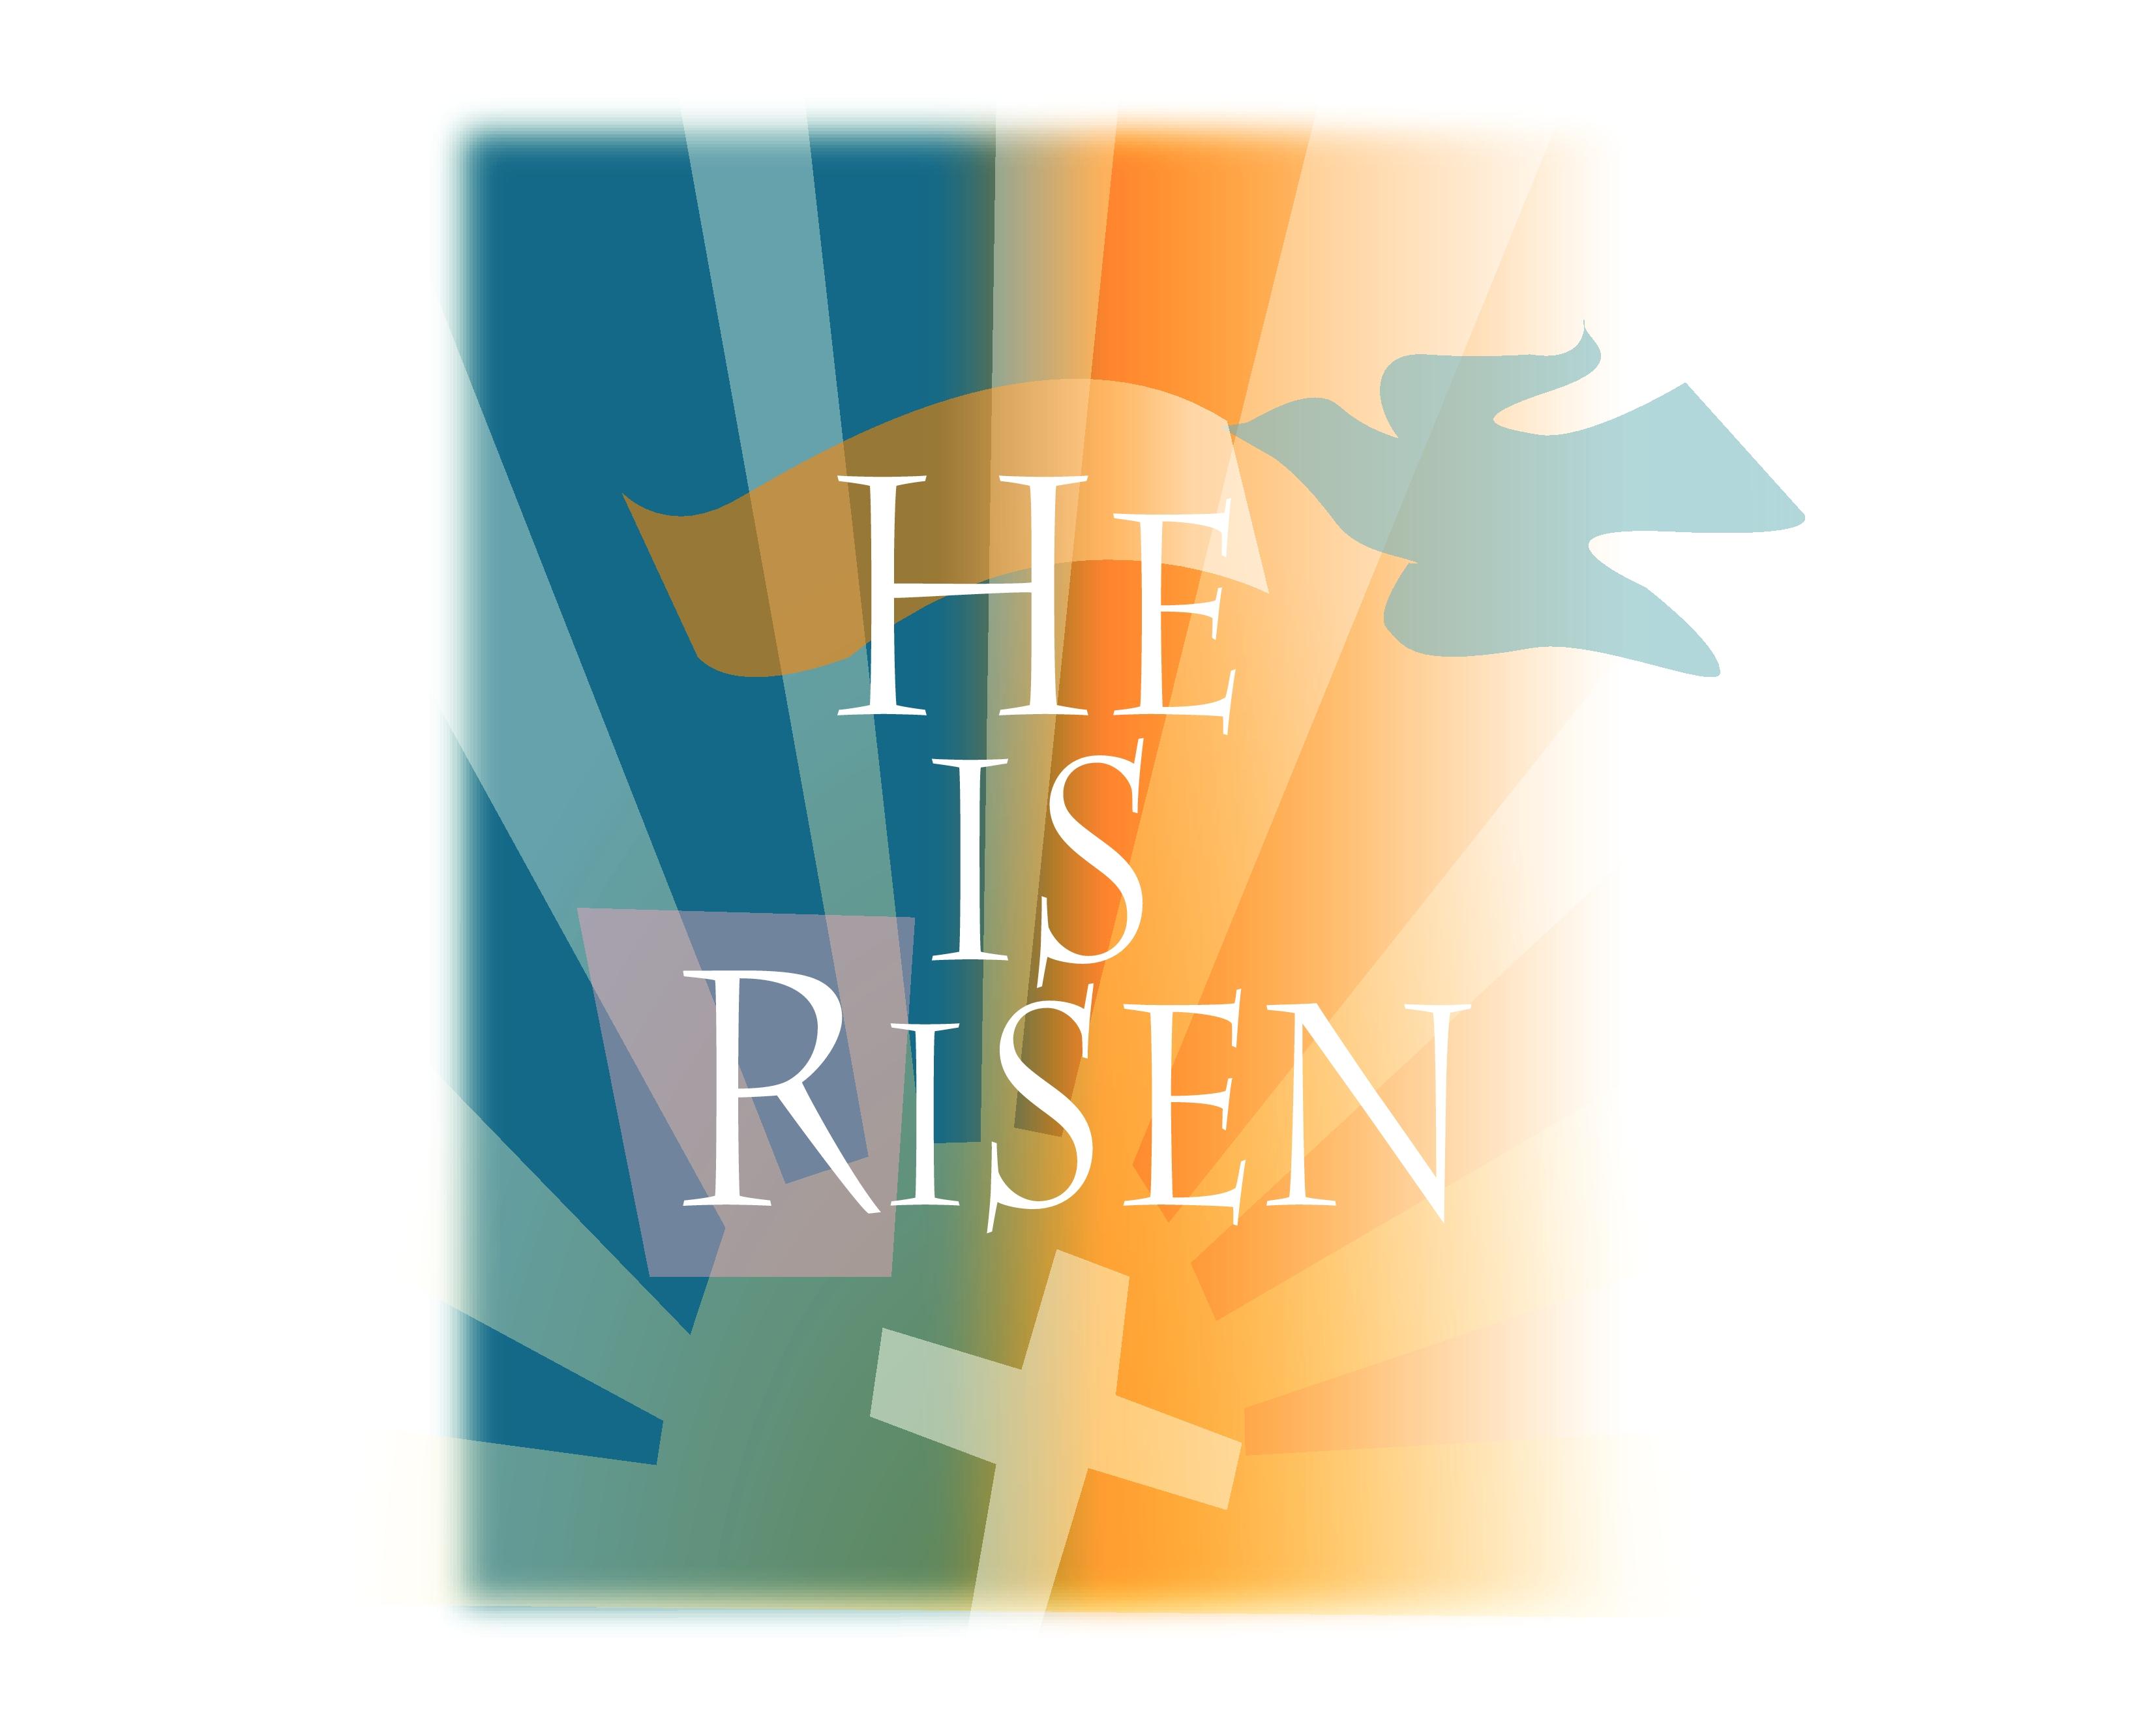 Jesus Has Risen Clipart.